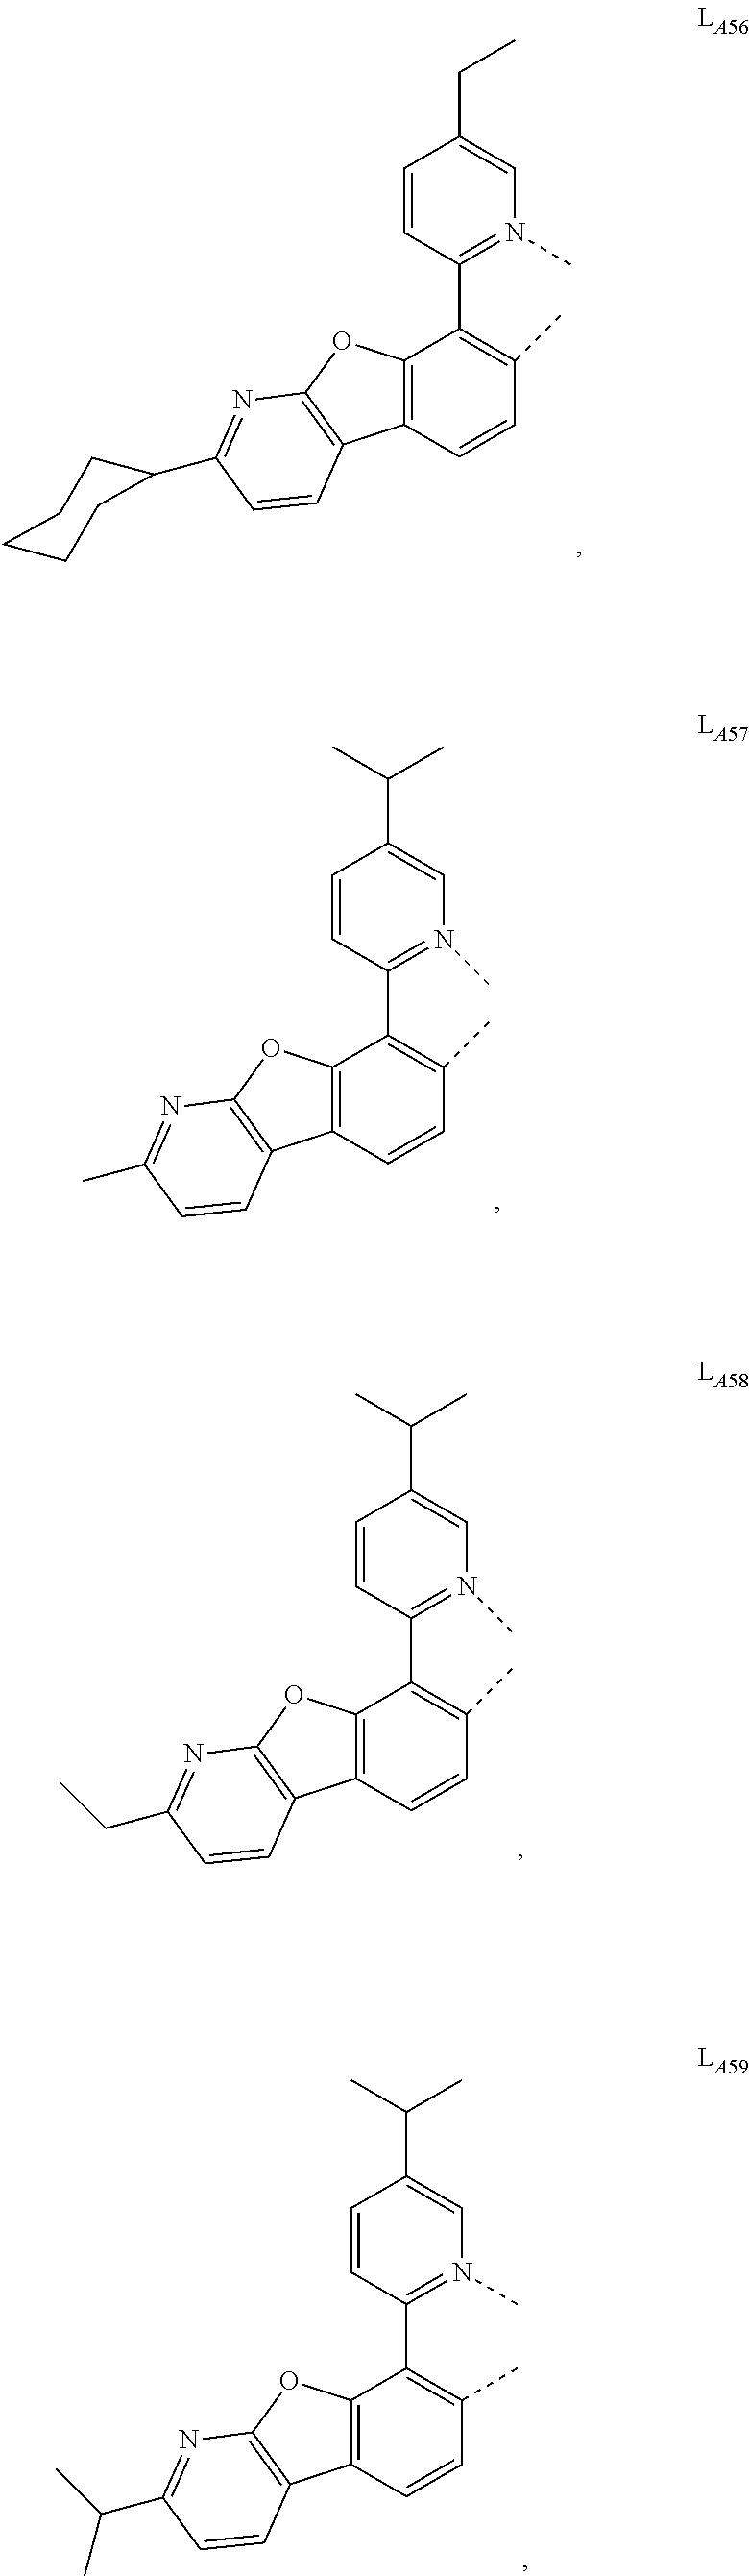 Figure US20160049599A1-20160218-C00021